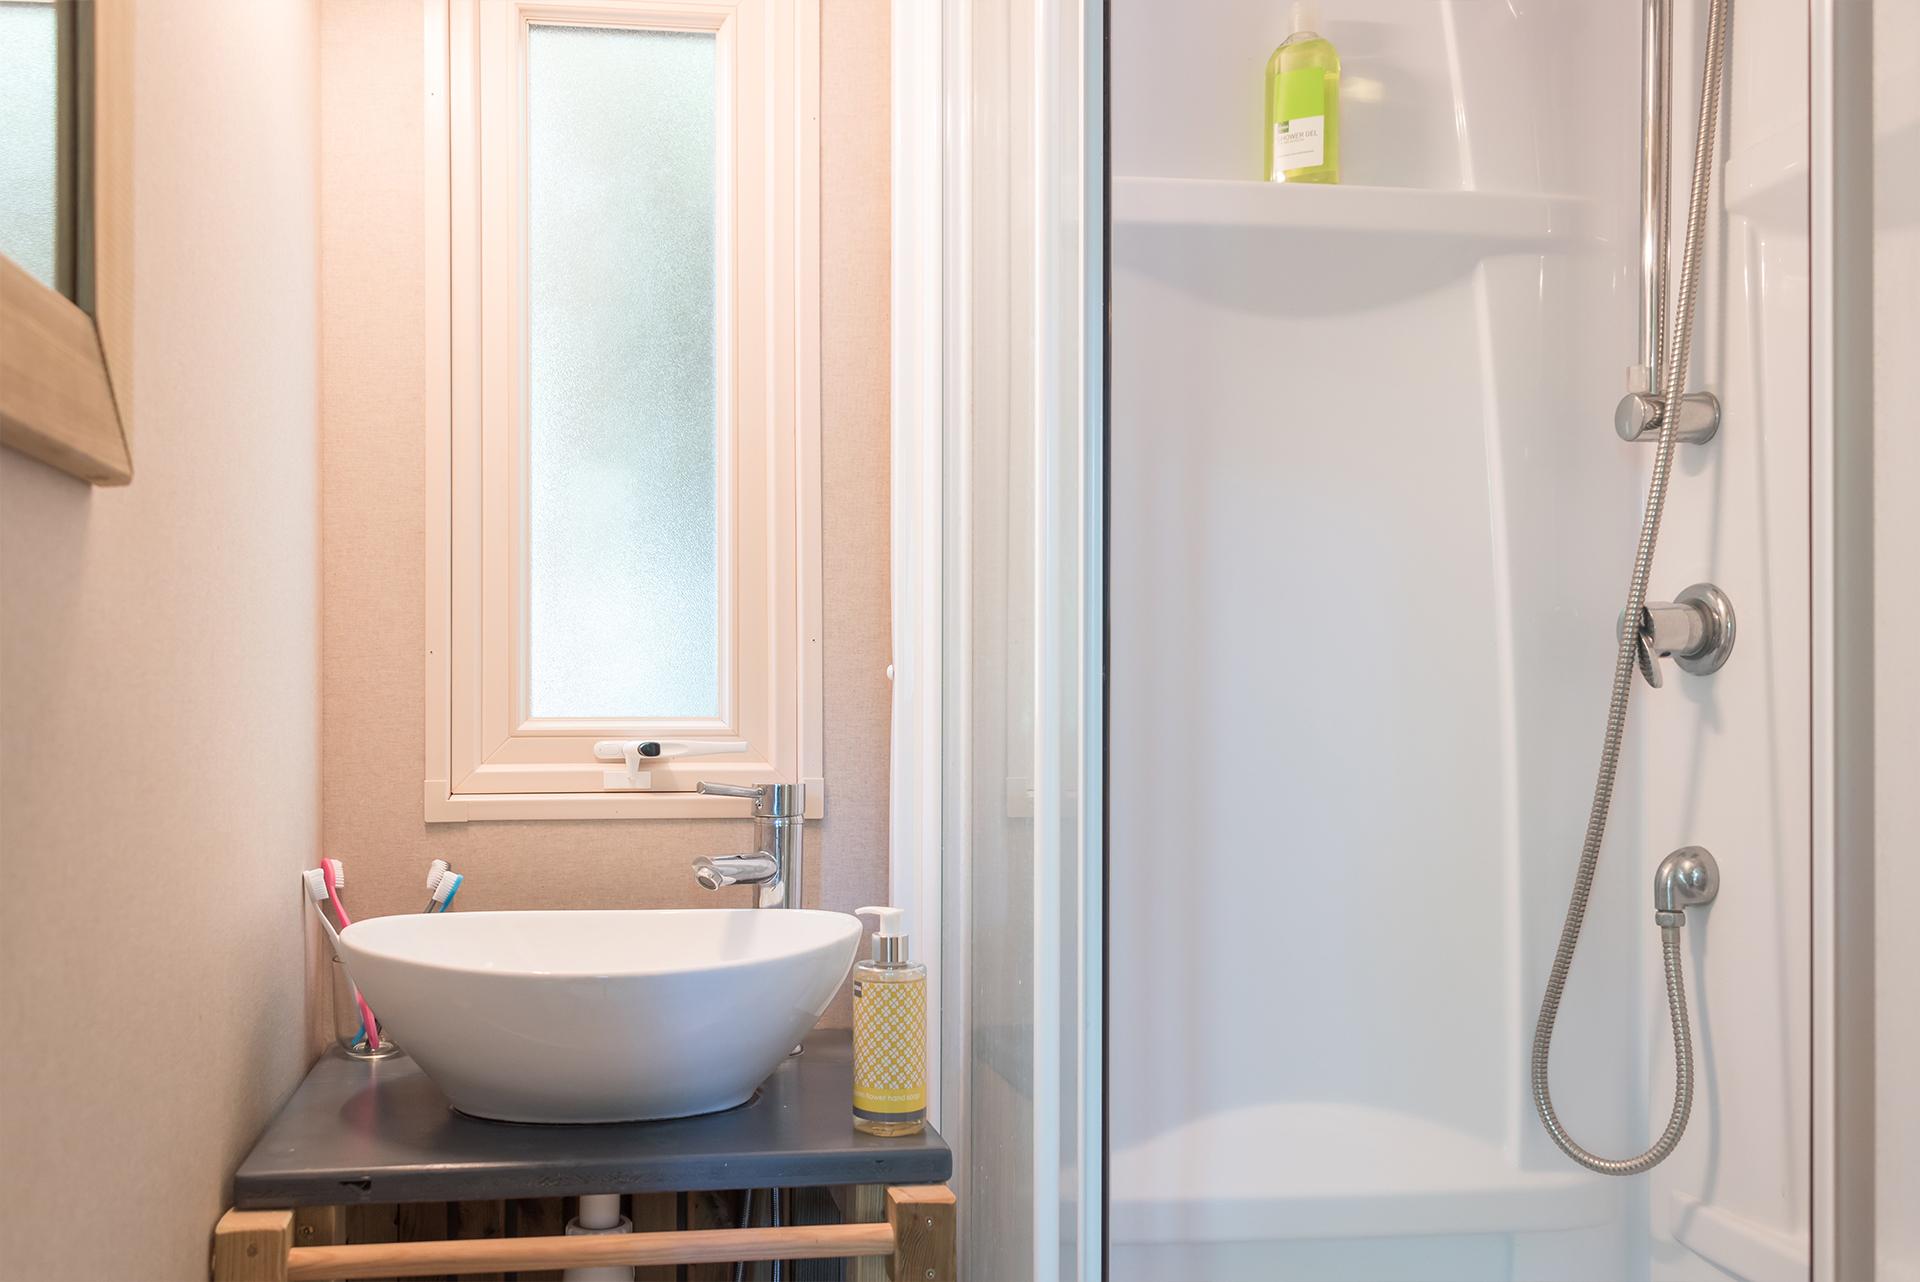 Salle de bain de mobil-home camping Bidart